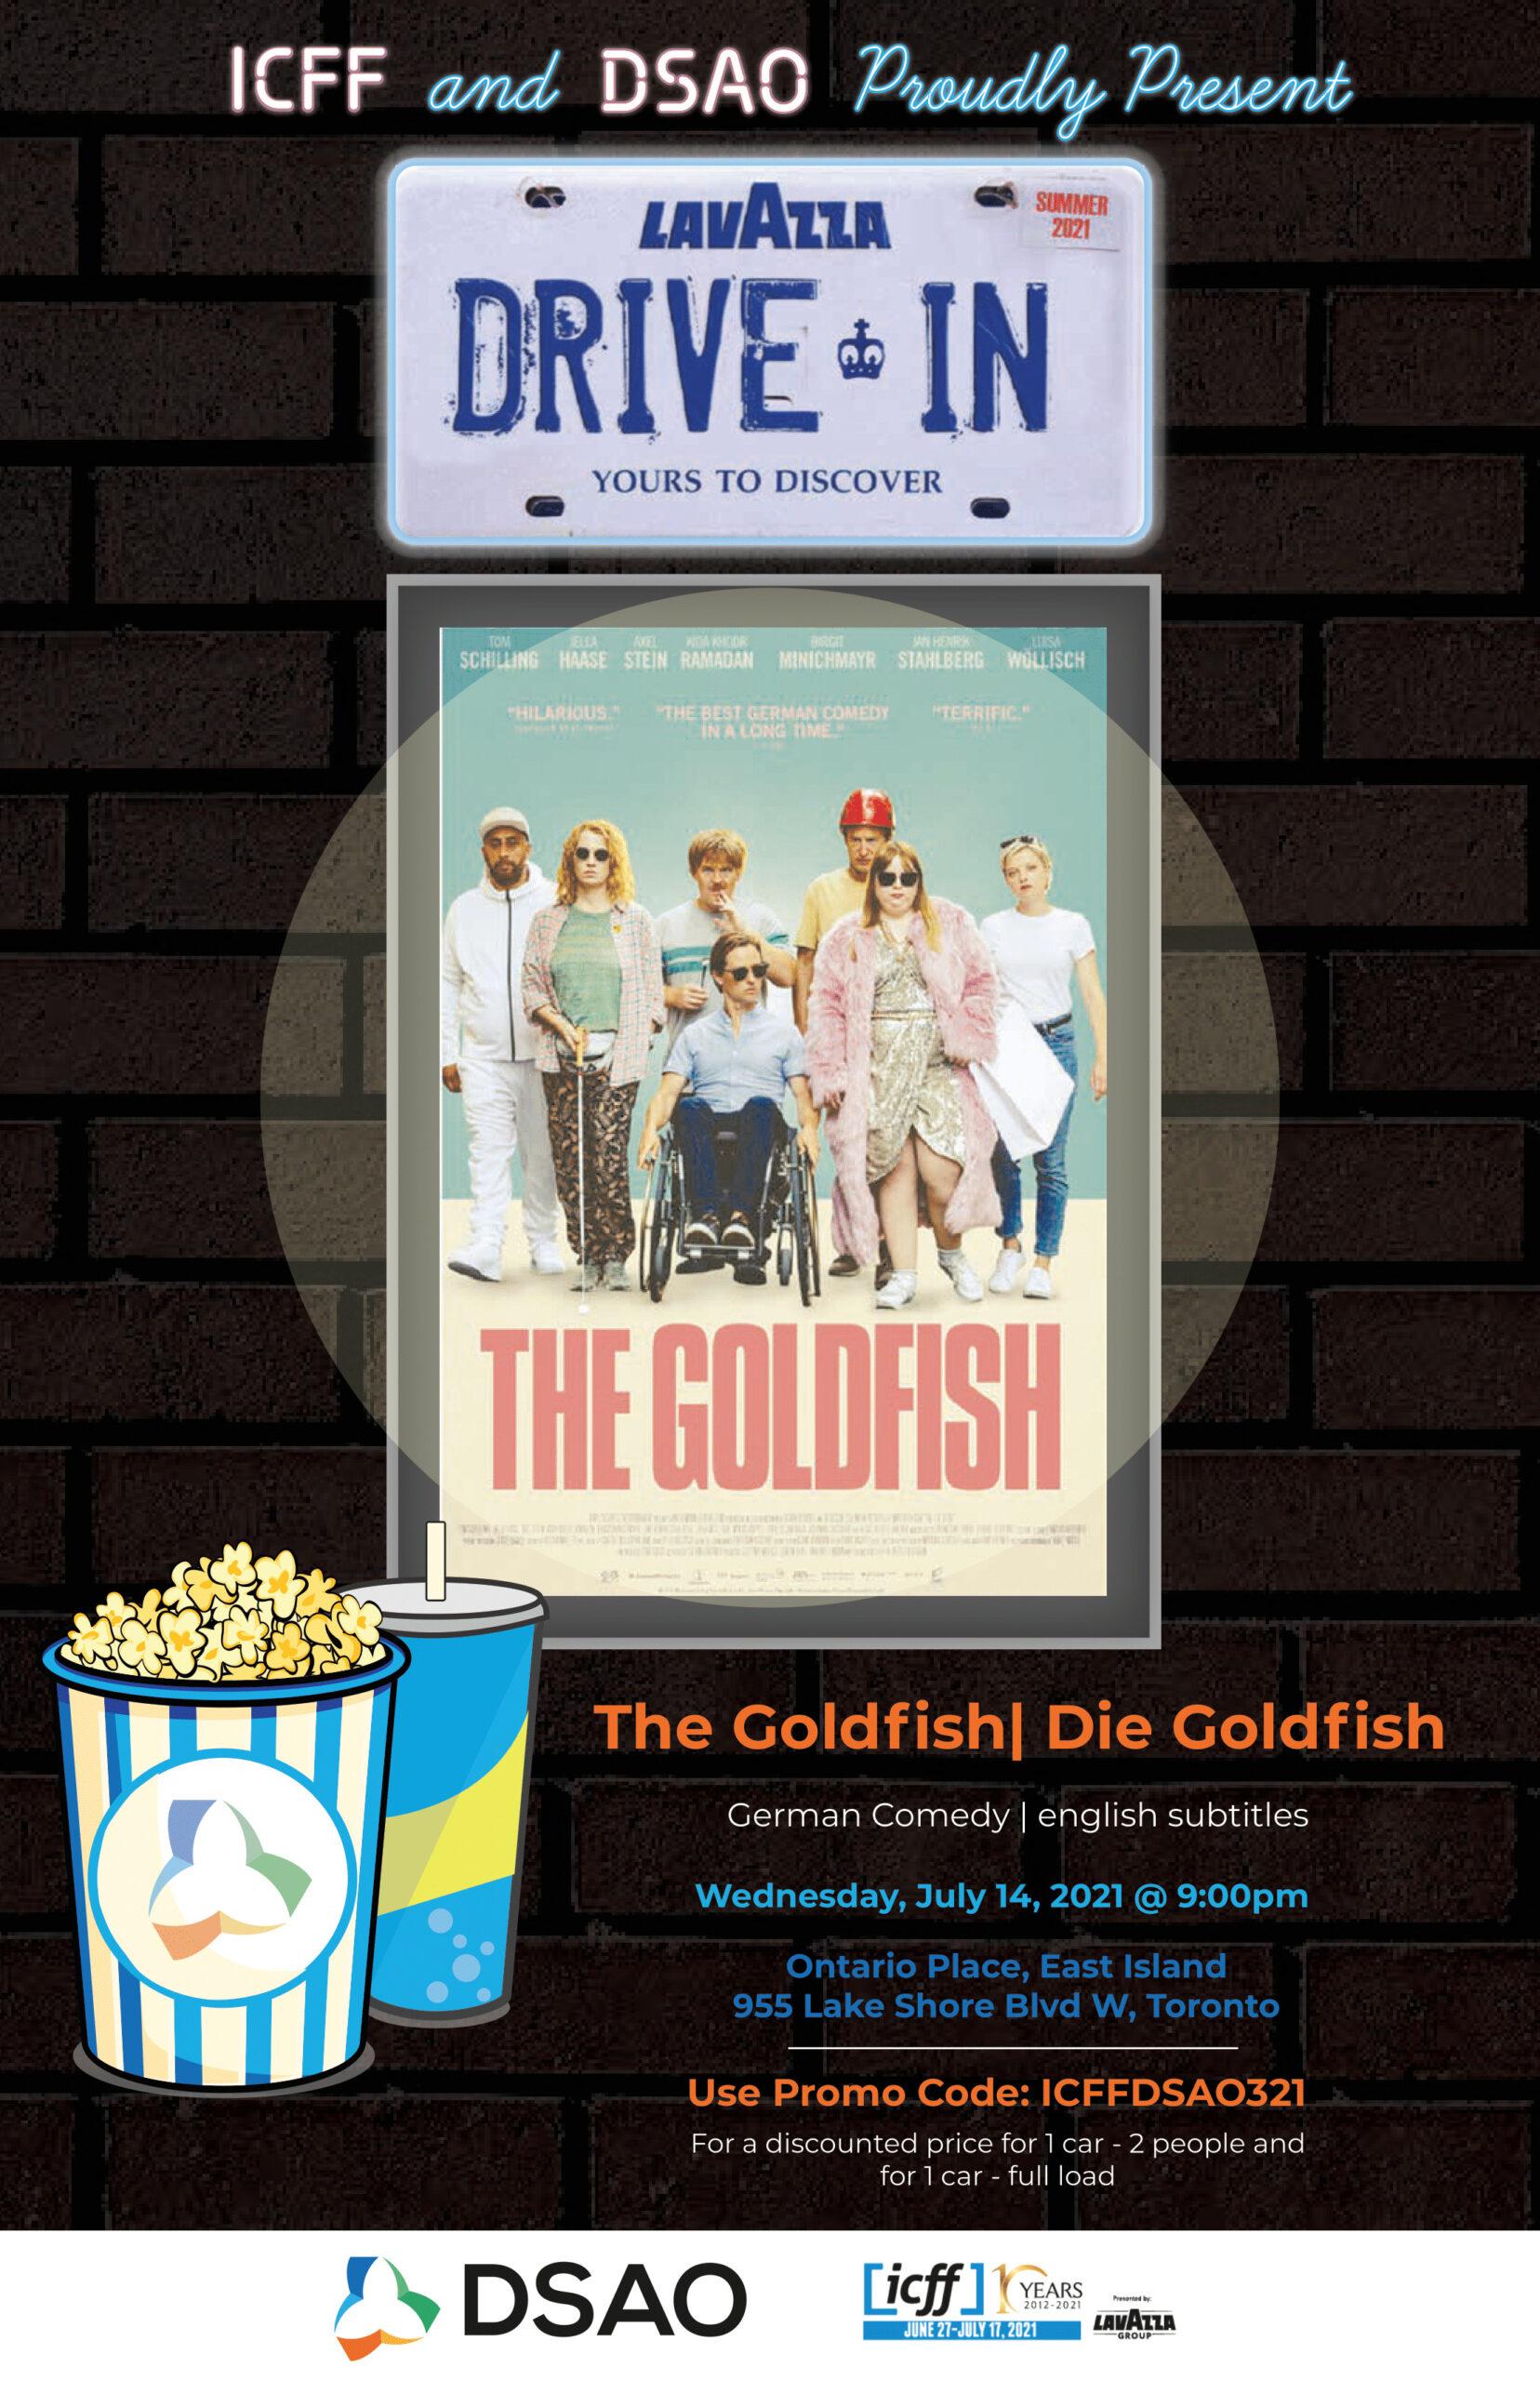 The Goldfish | Die Goldfish